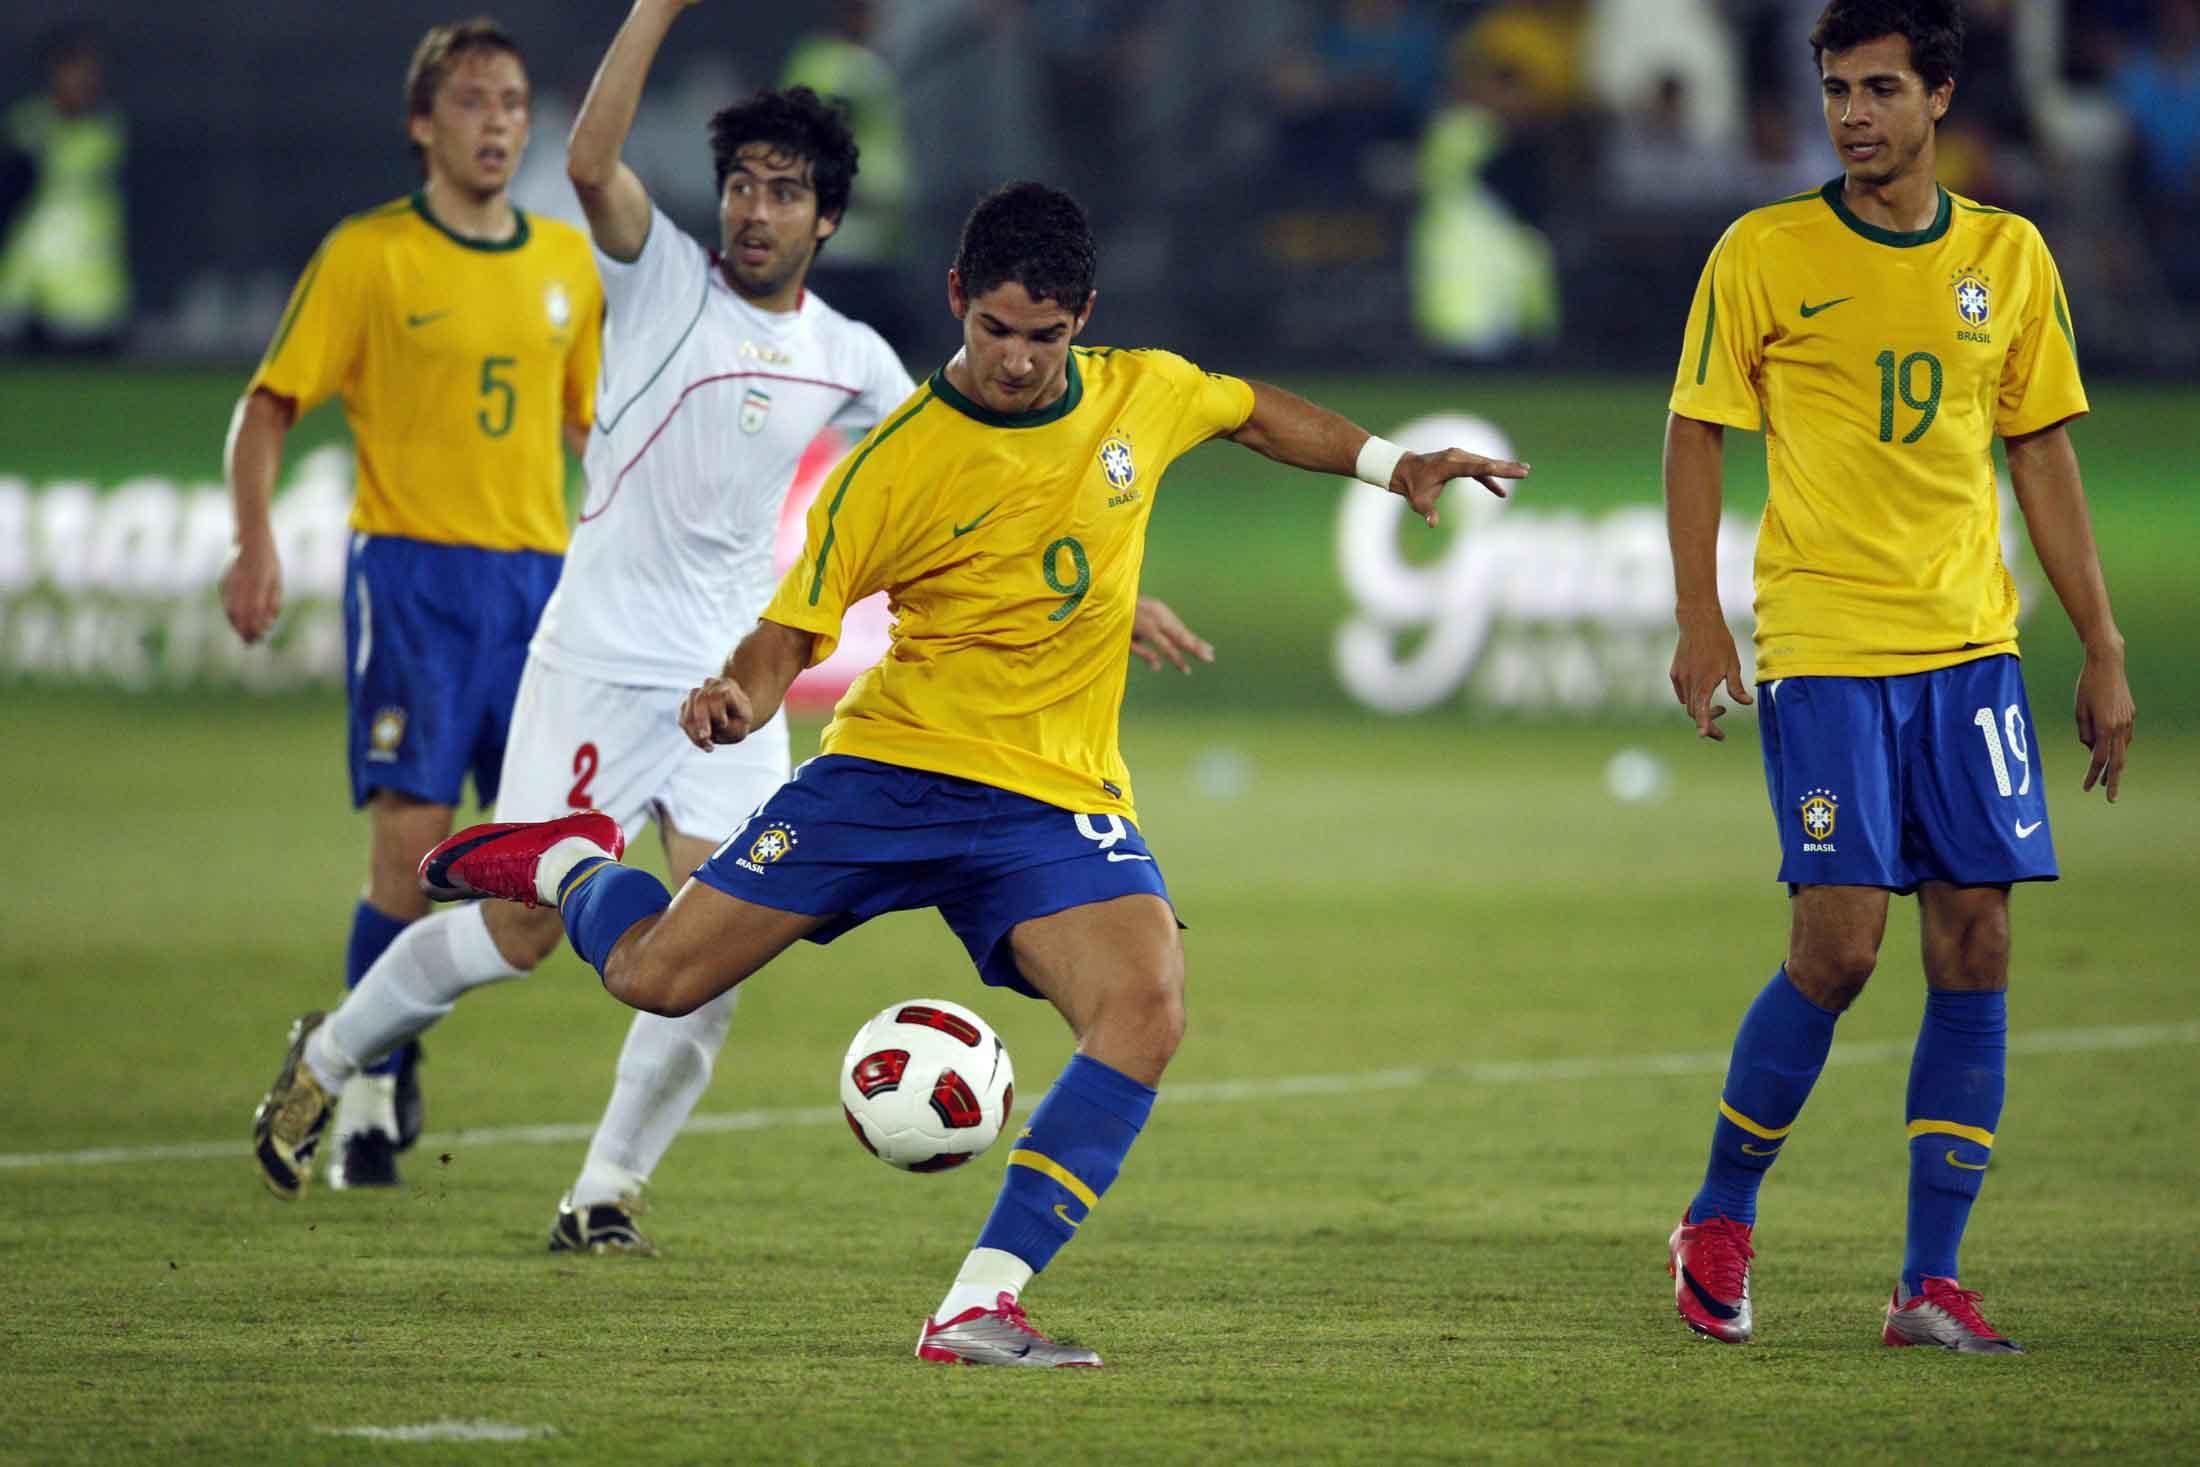 Jogo de futebol de time brasileiro